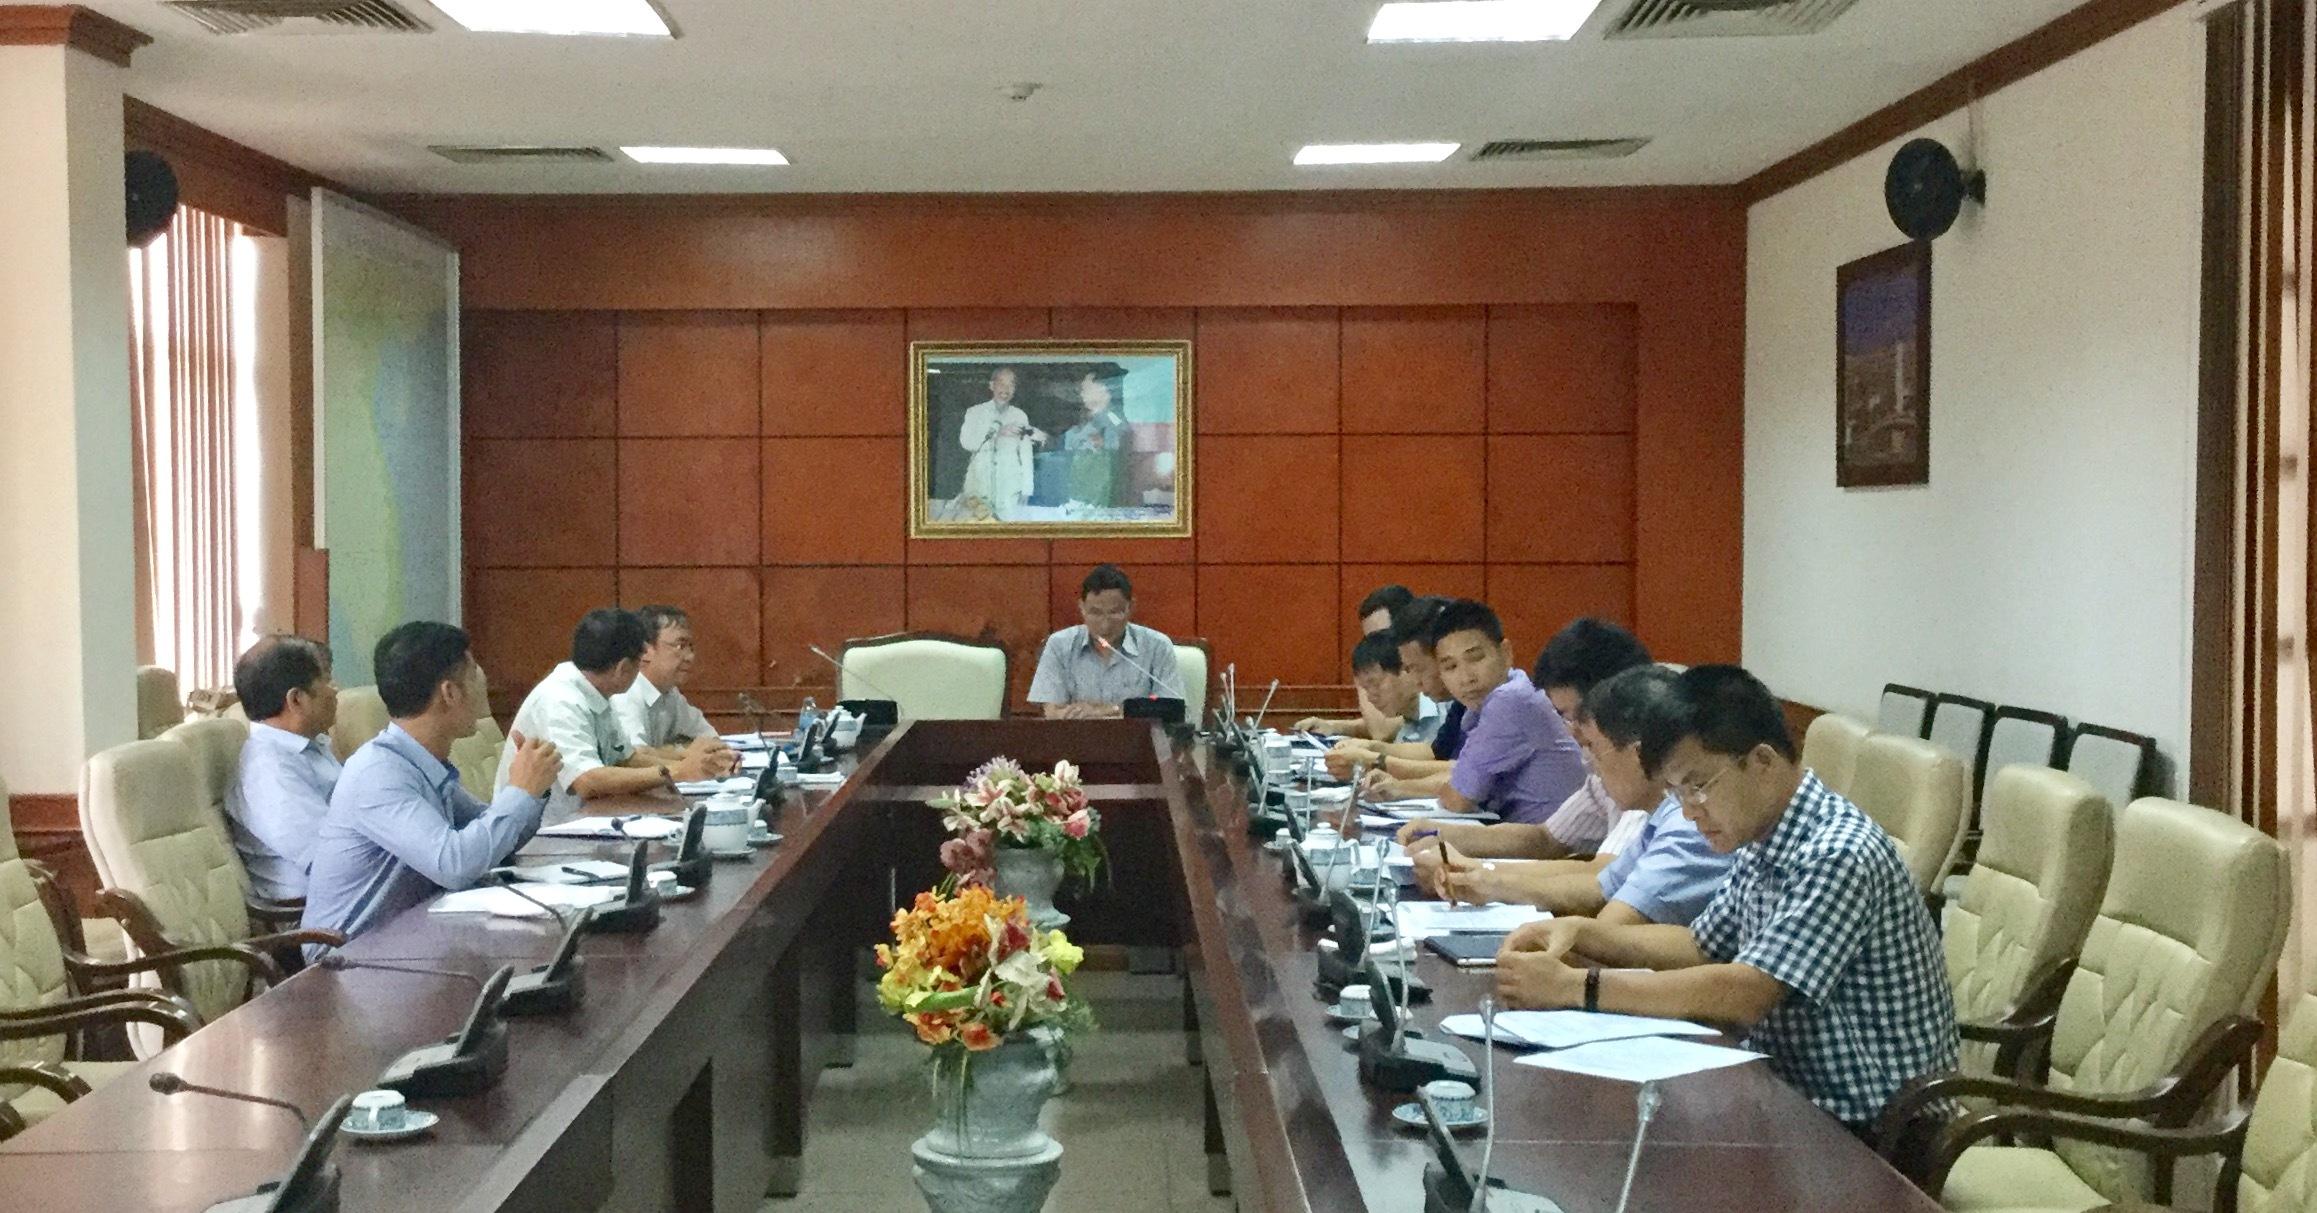 Hội thao Tổng công ty Quản lý bay Việt Nam lần thứ IX năm 2017